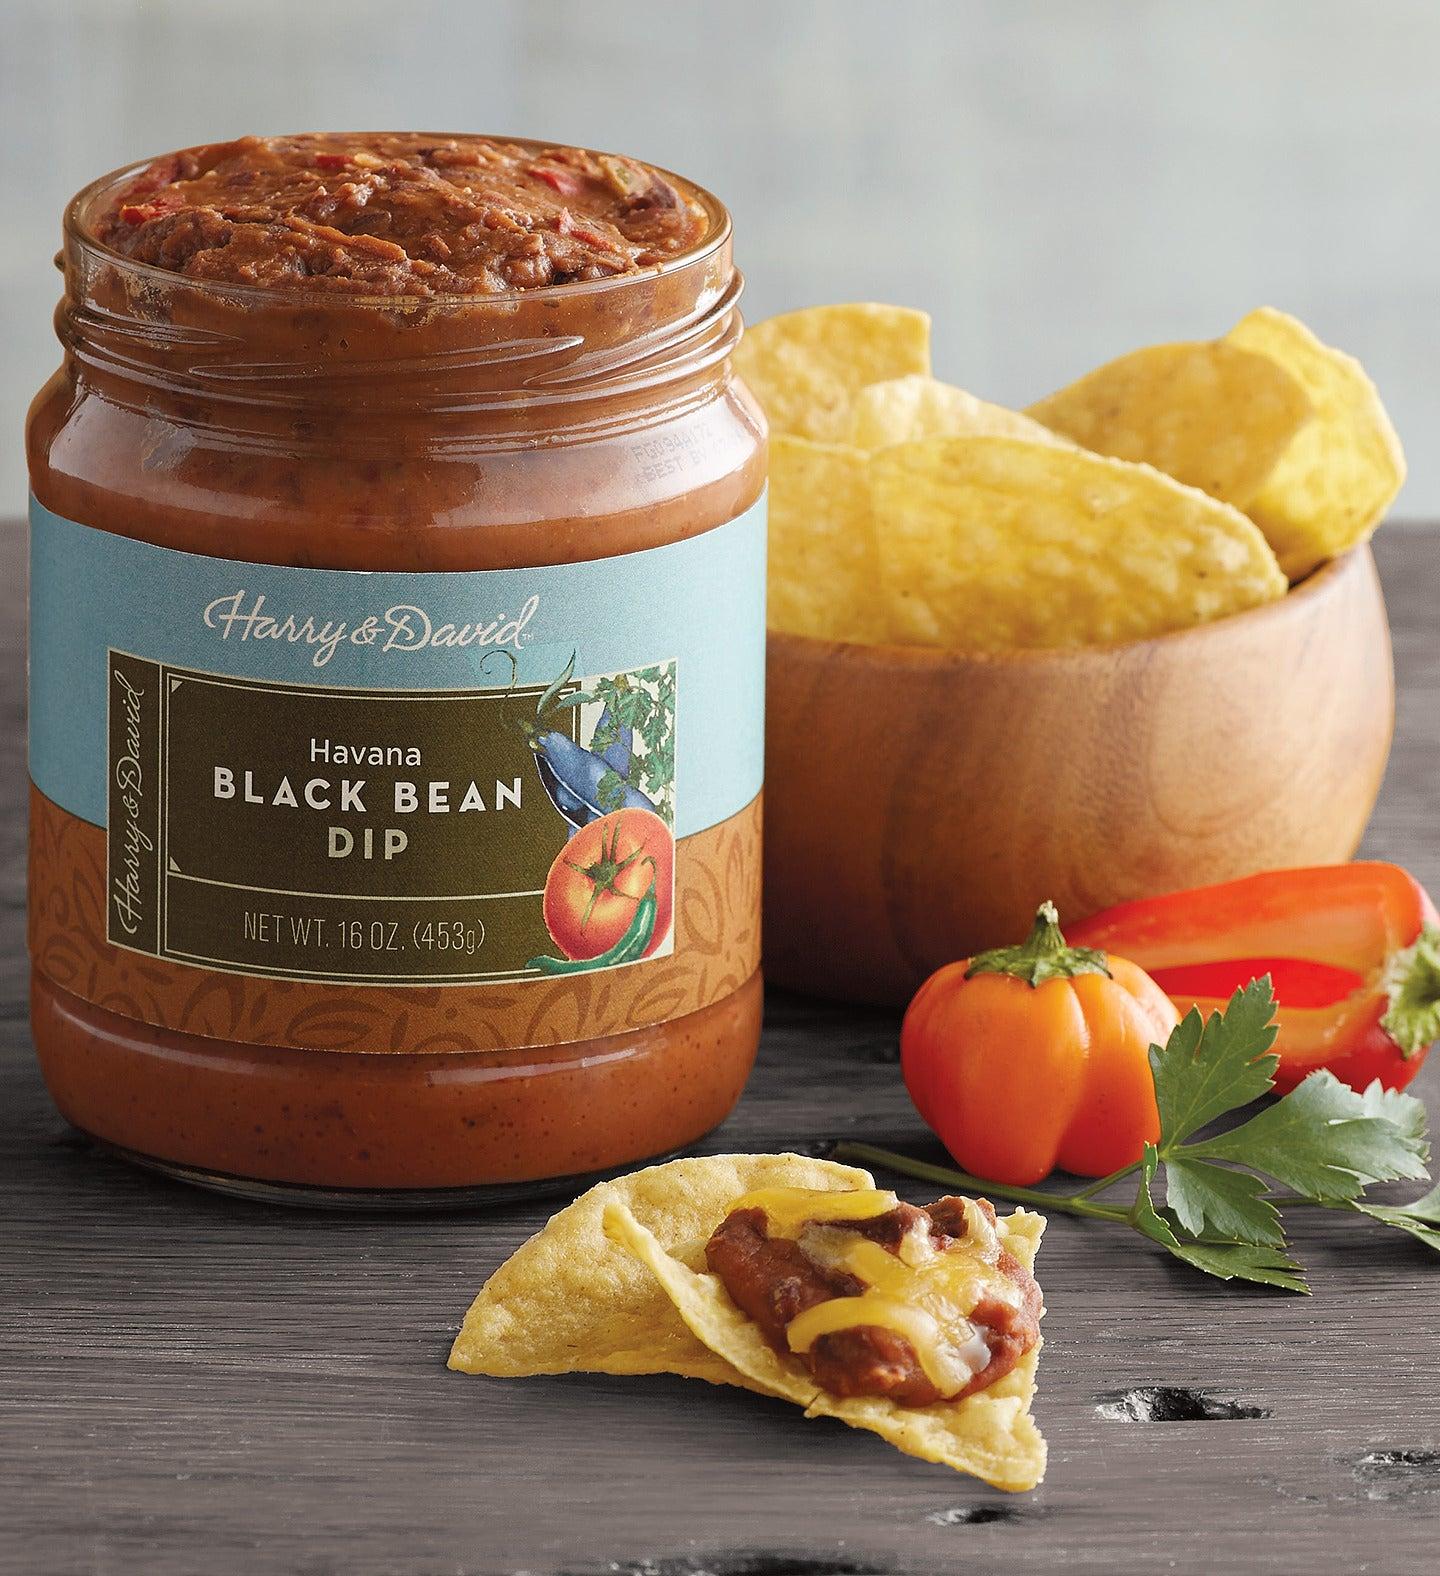 Havana Black Bean Dip